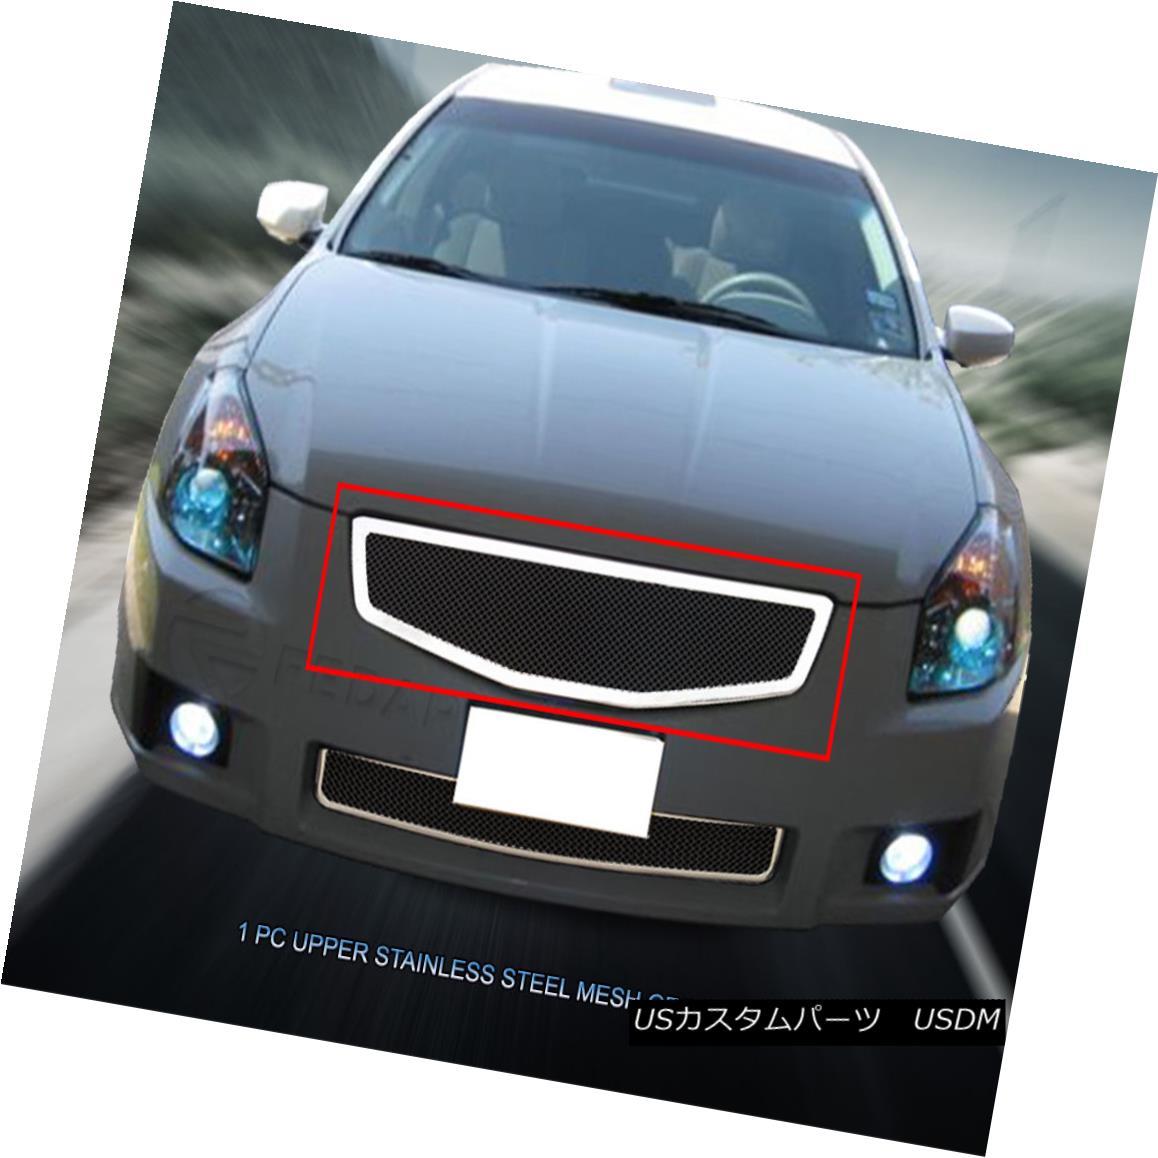 グリル Fedar Fits 2007-2008 Nissan Maxima Black/Polished Wire Mesh Grille Insert Fedar Fits 2007-2008 Nissan Maxima Black / Polishedワイヤーメッシュグリルインサート